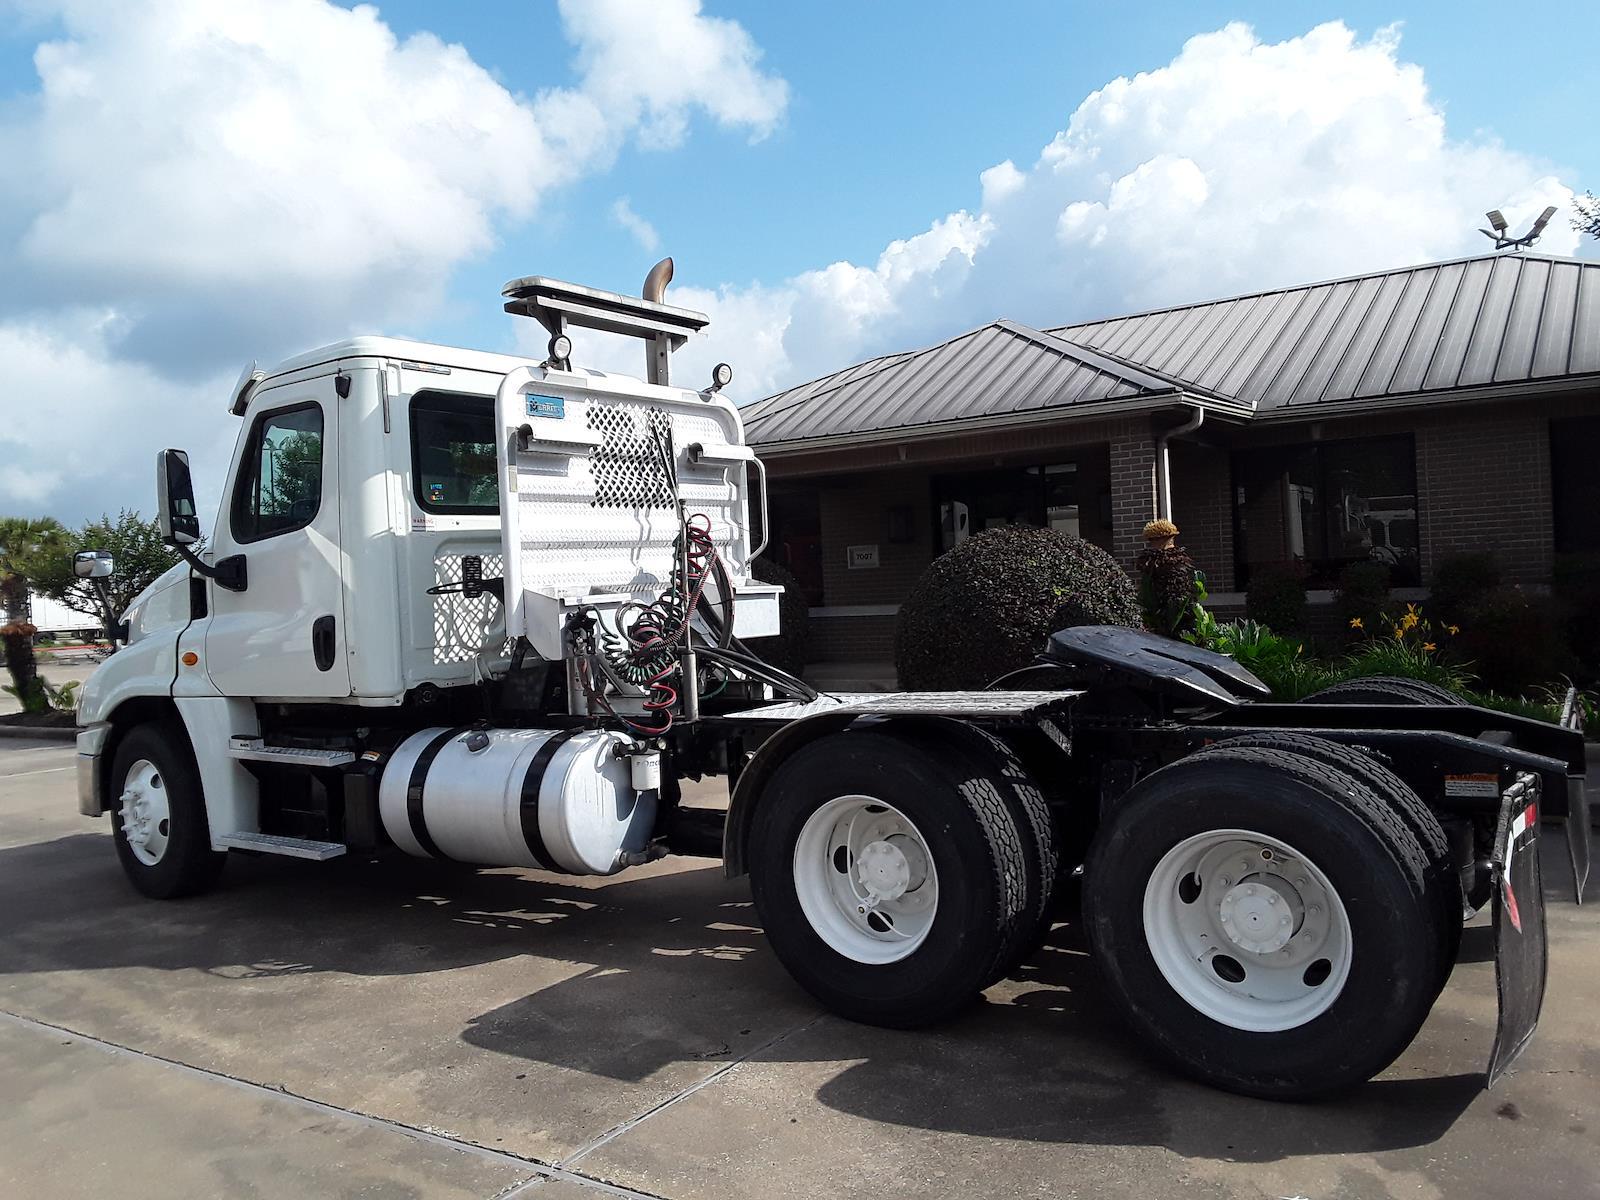 2014 Freightliner Truck 6x4, Tractor #542071 - photo 1